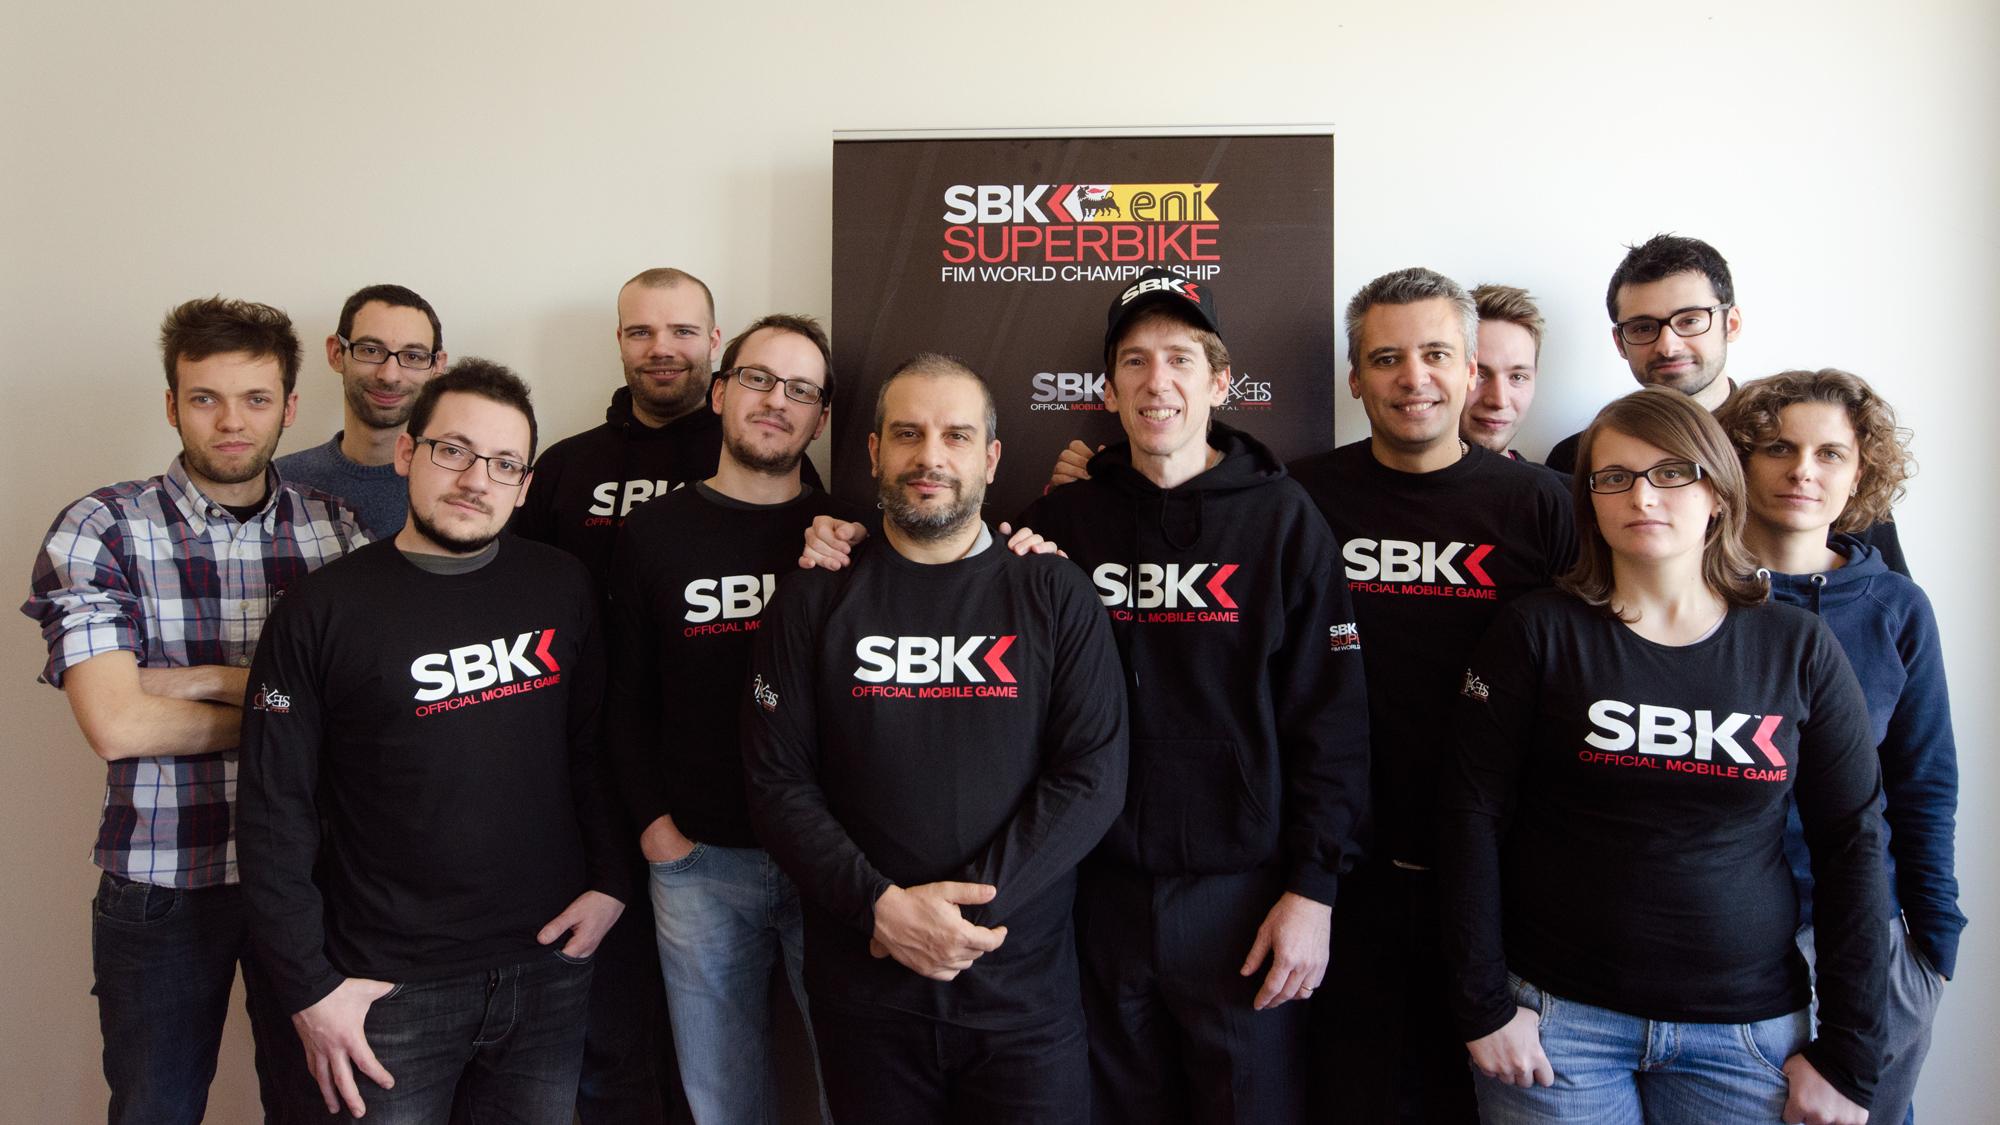 Ecco tutta la squadra di Digital Tales al completo che ha sviluppato SBK 14 per iOS e si accinge a realizzare anche la versione Android